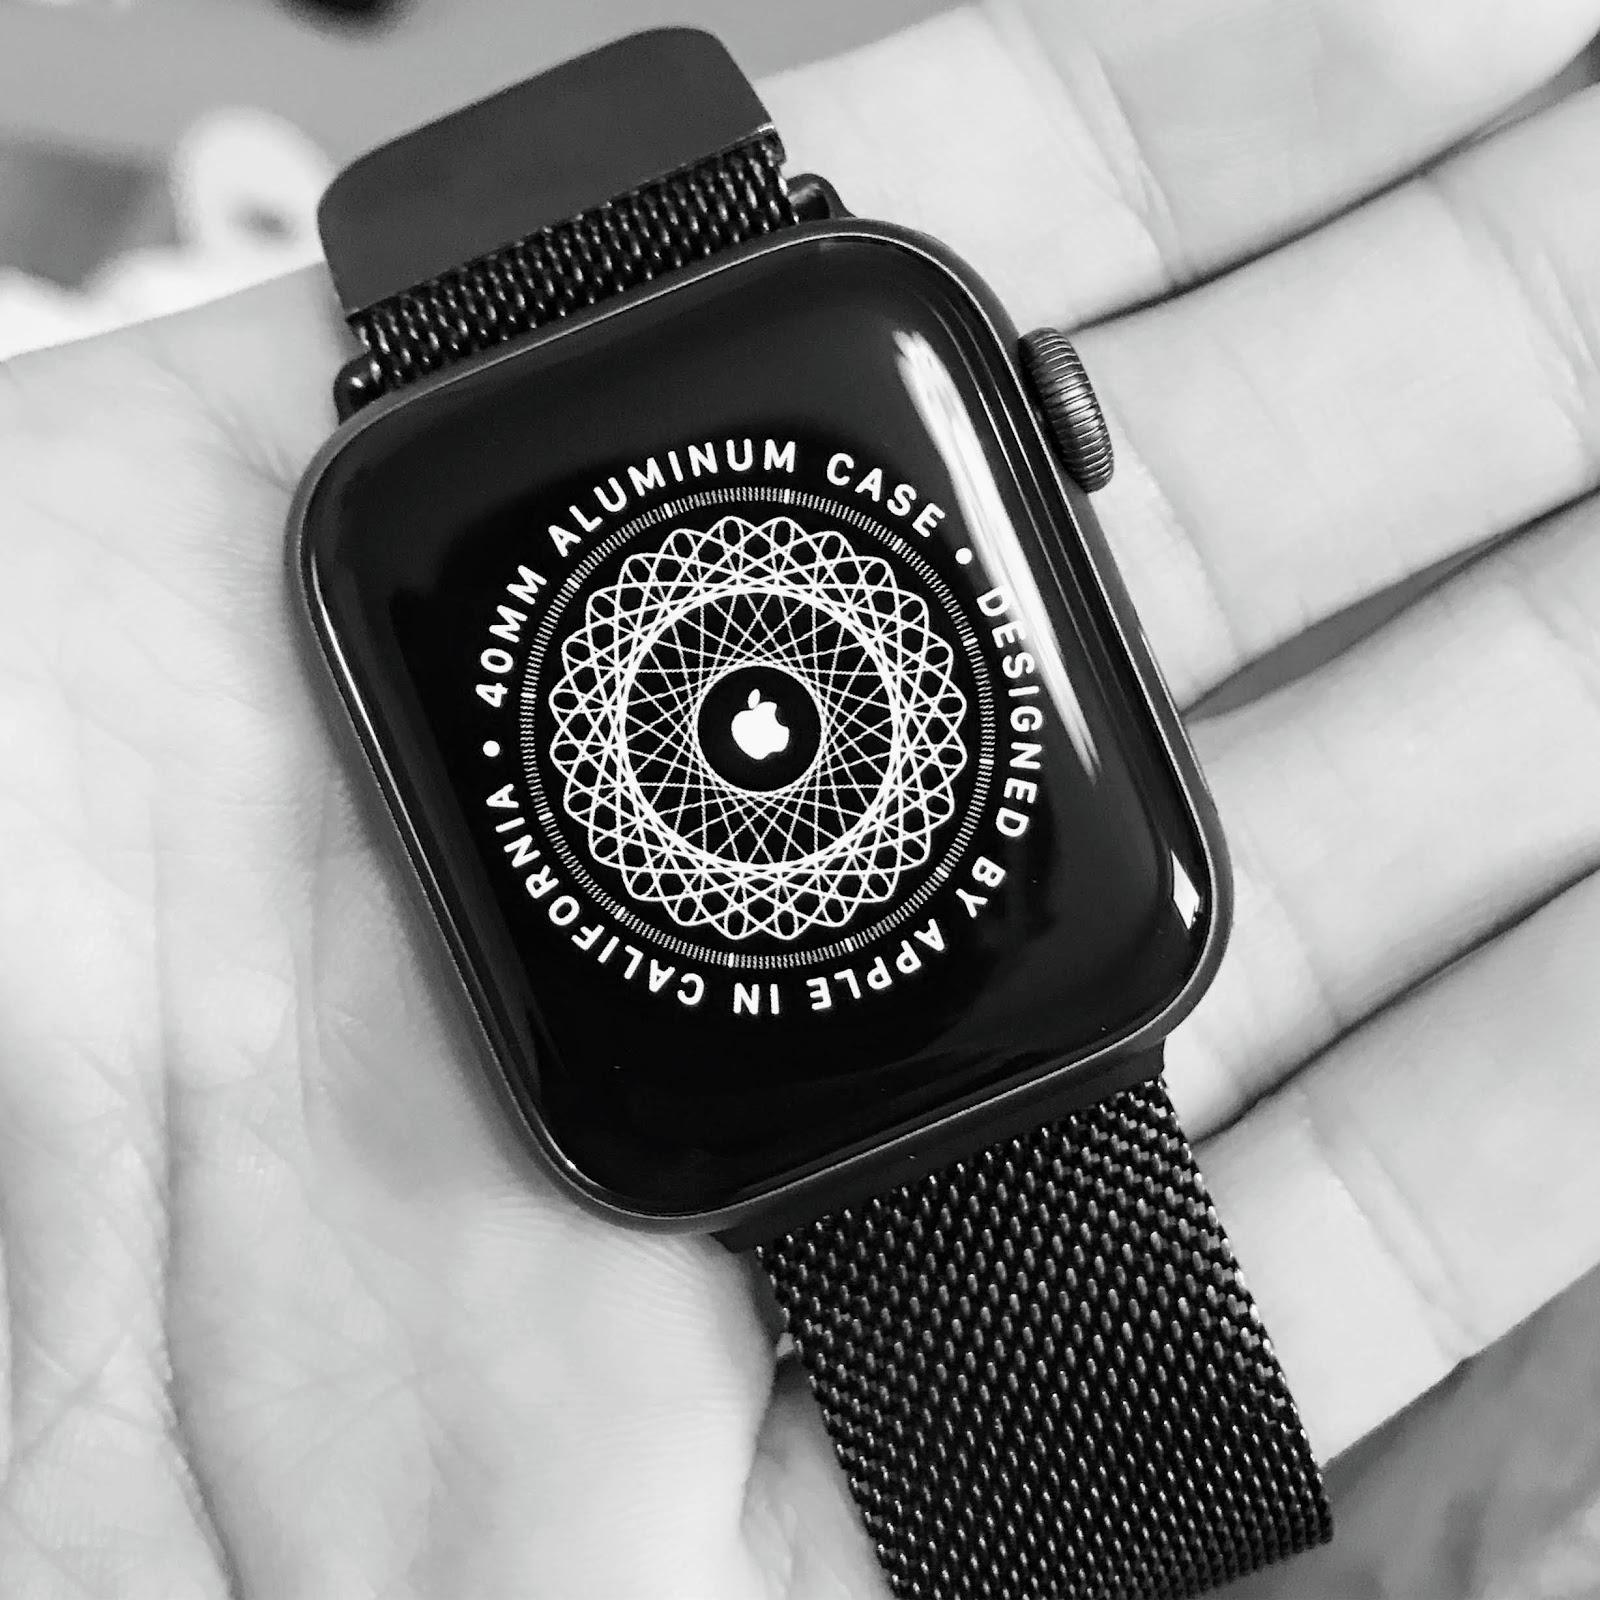 Apple Applewatch ガジェット レビュー アップルウォッチseries4に買い替え 日常使用での違いについて